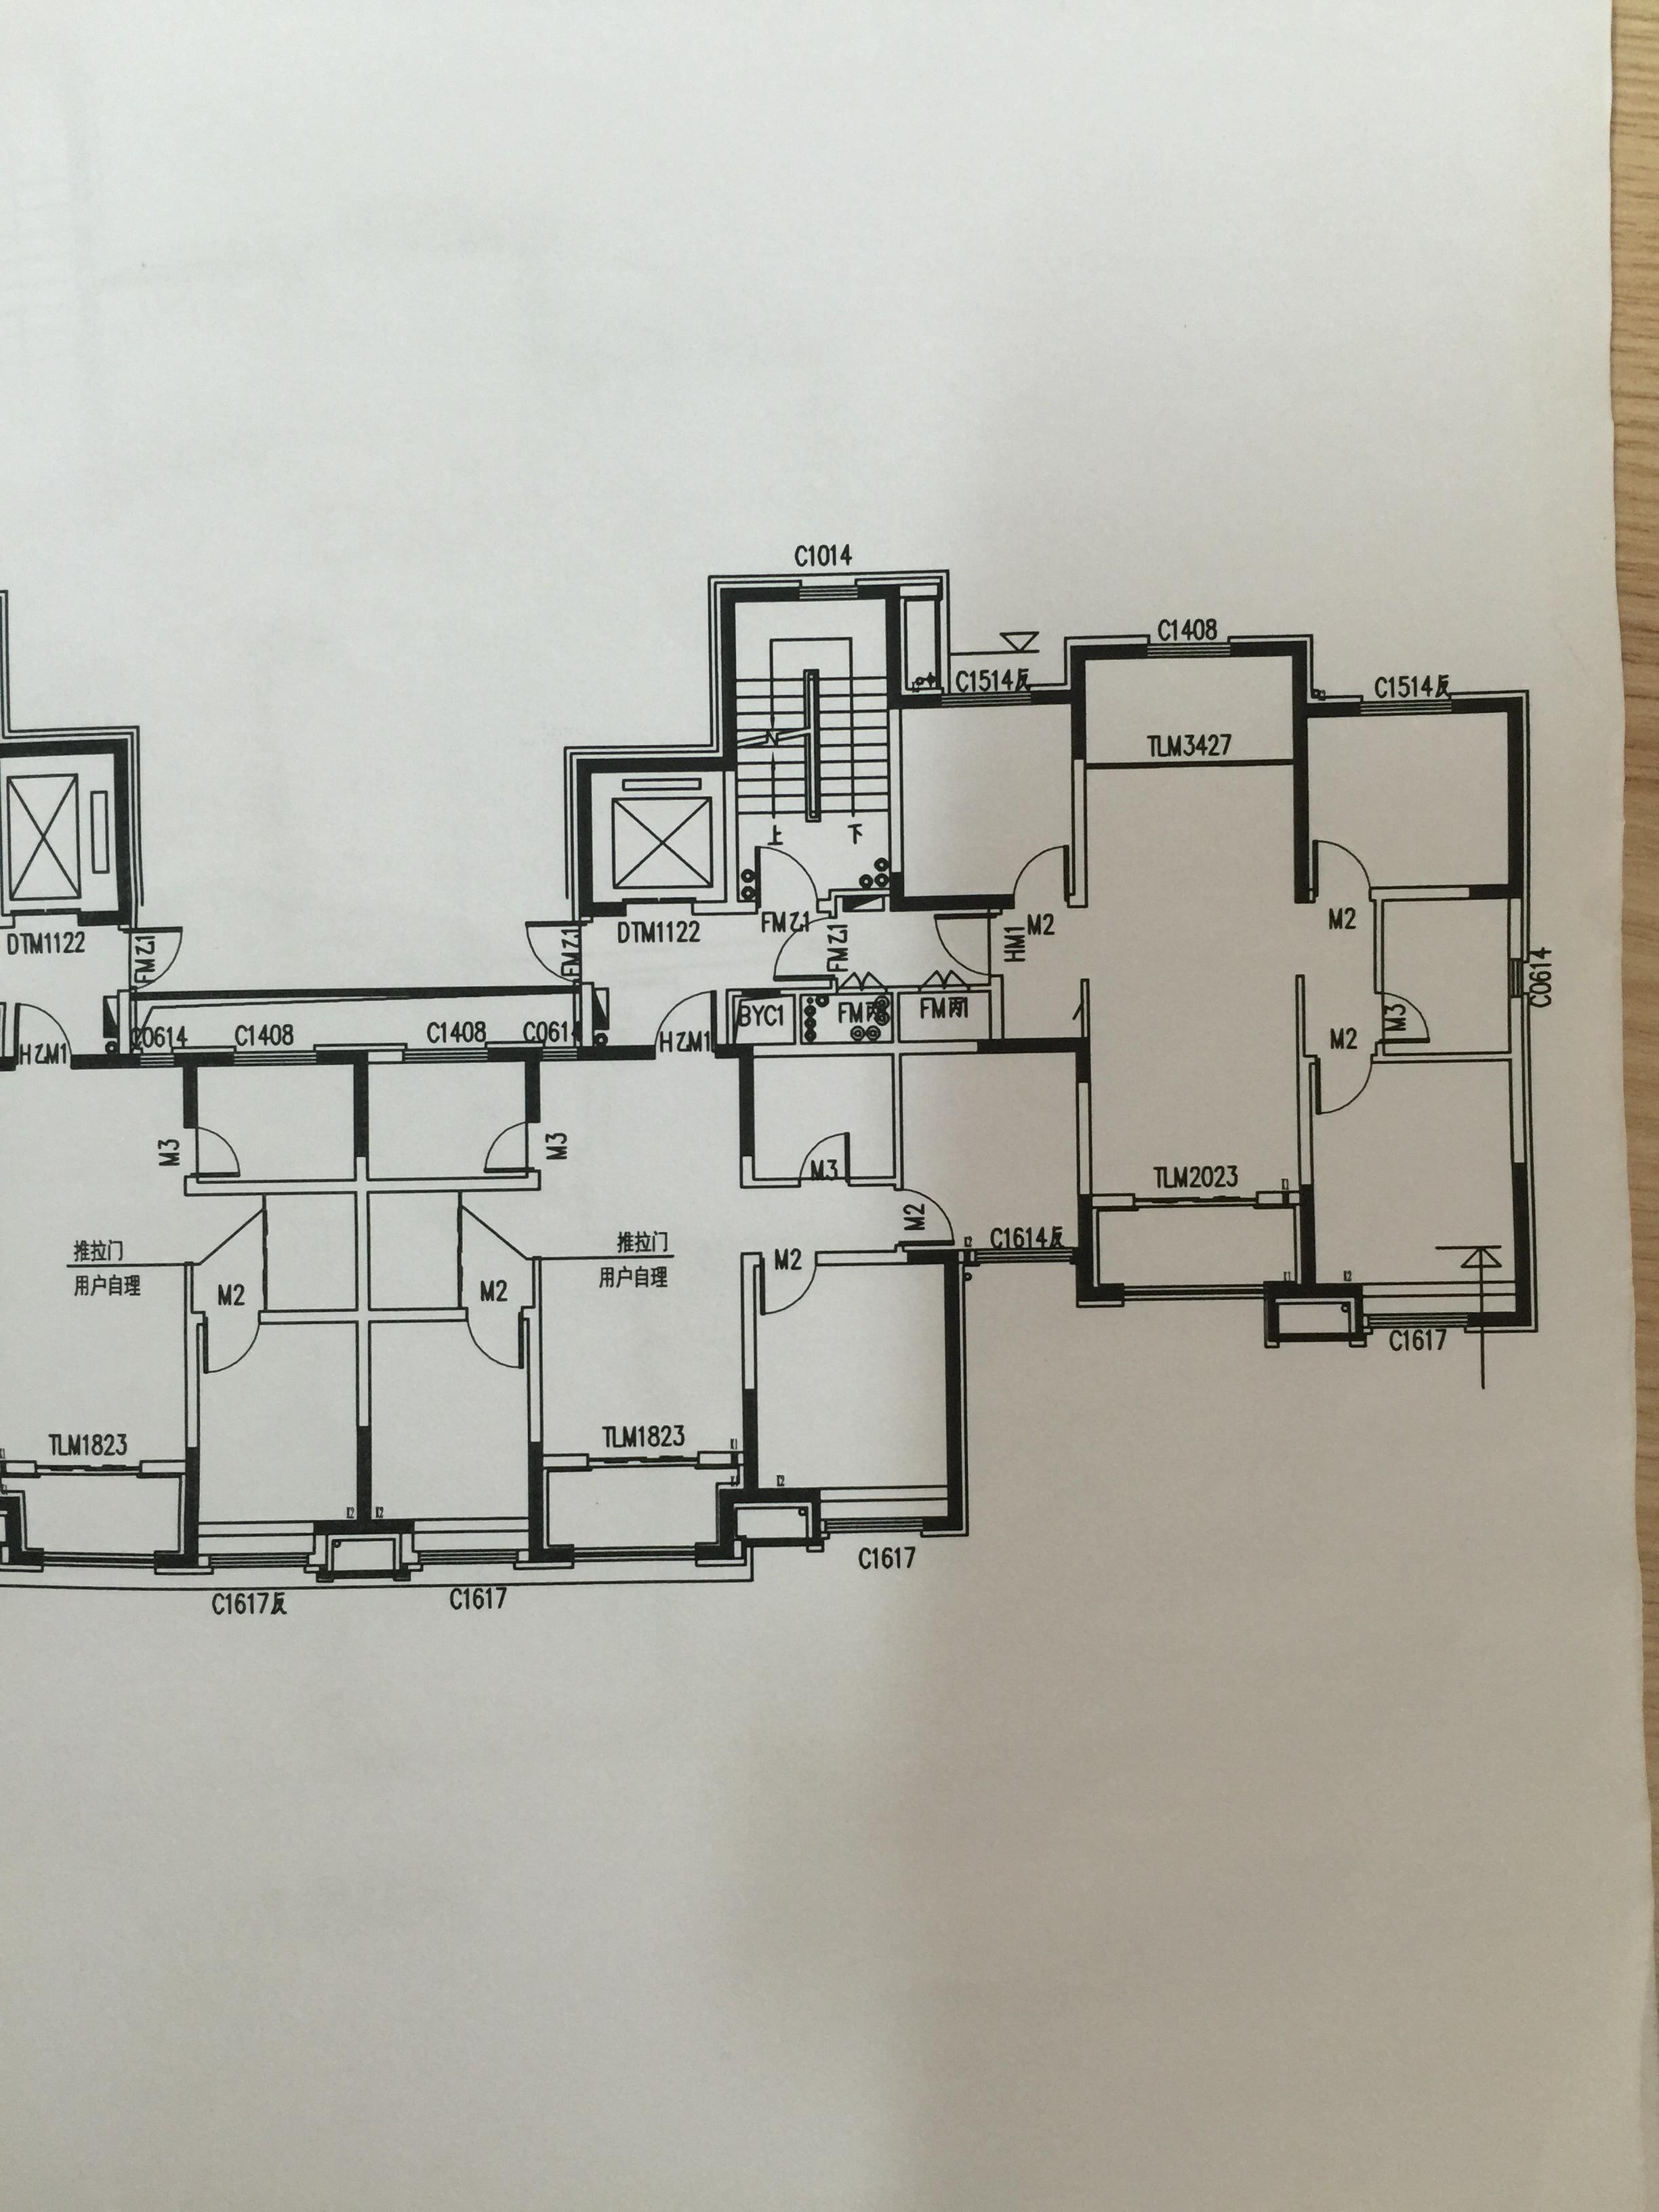 107平装修效果图和施工图设计